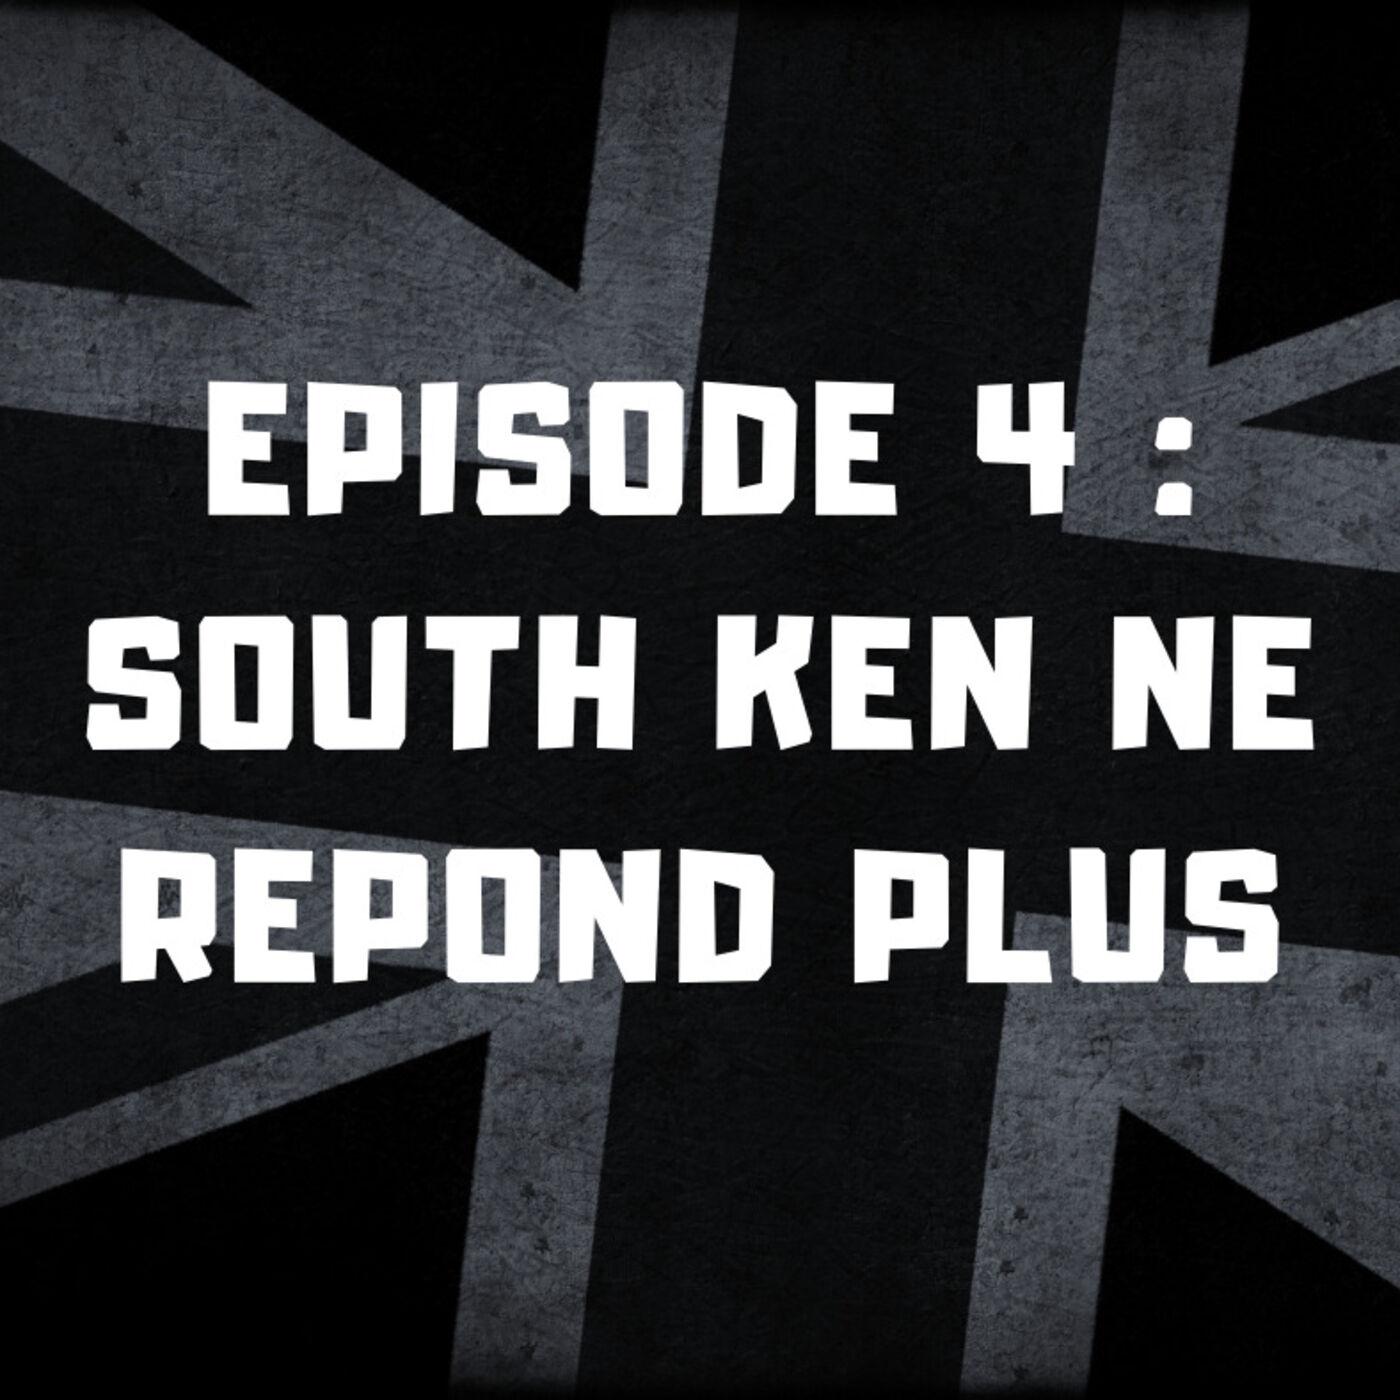 Episode 4 - South Ken ne répond plus